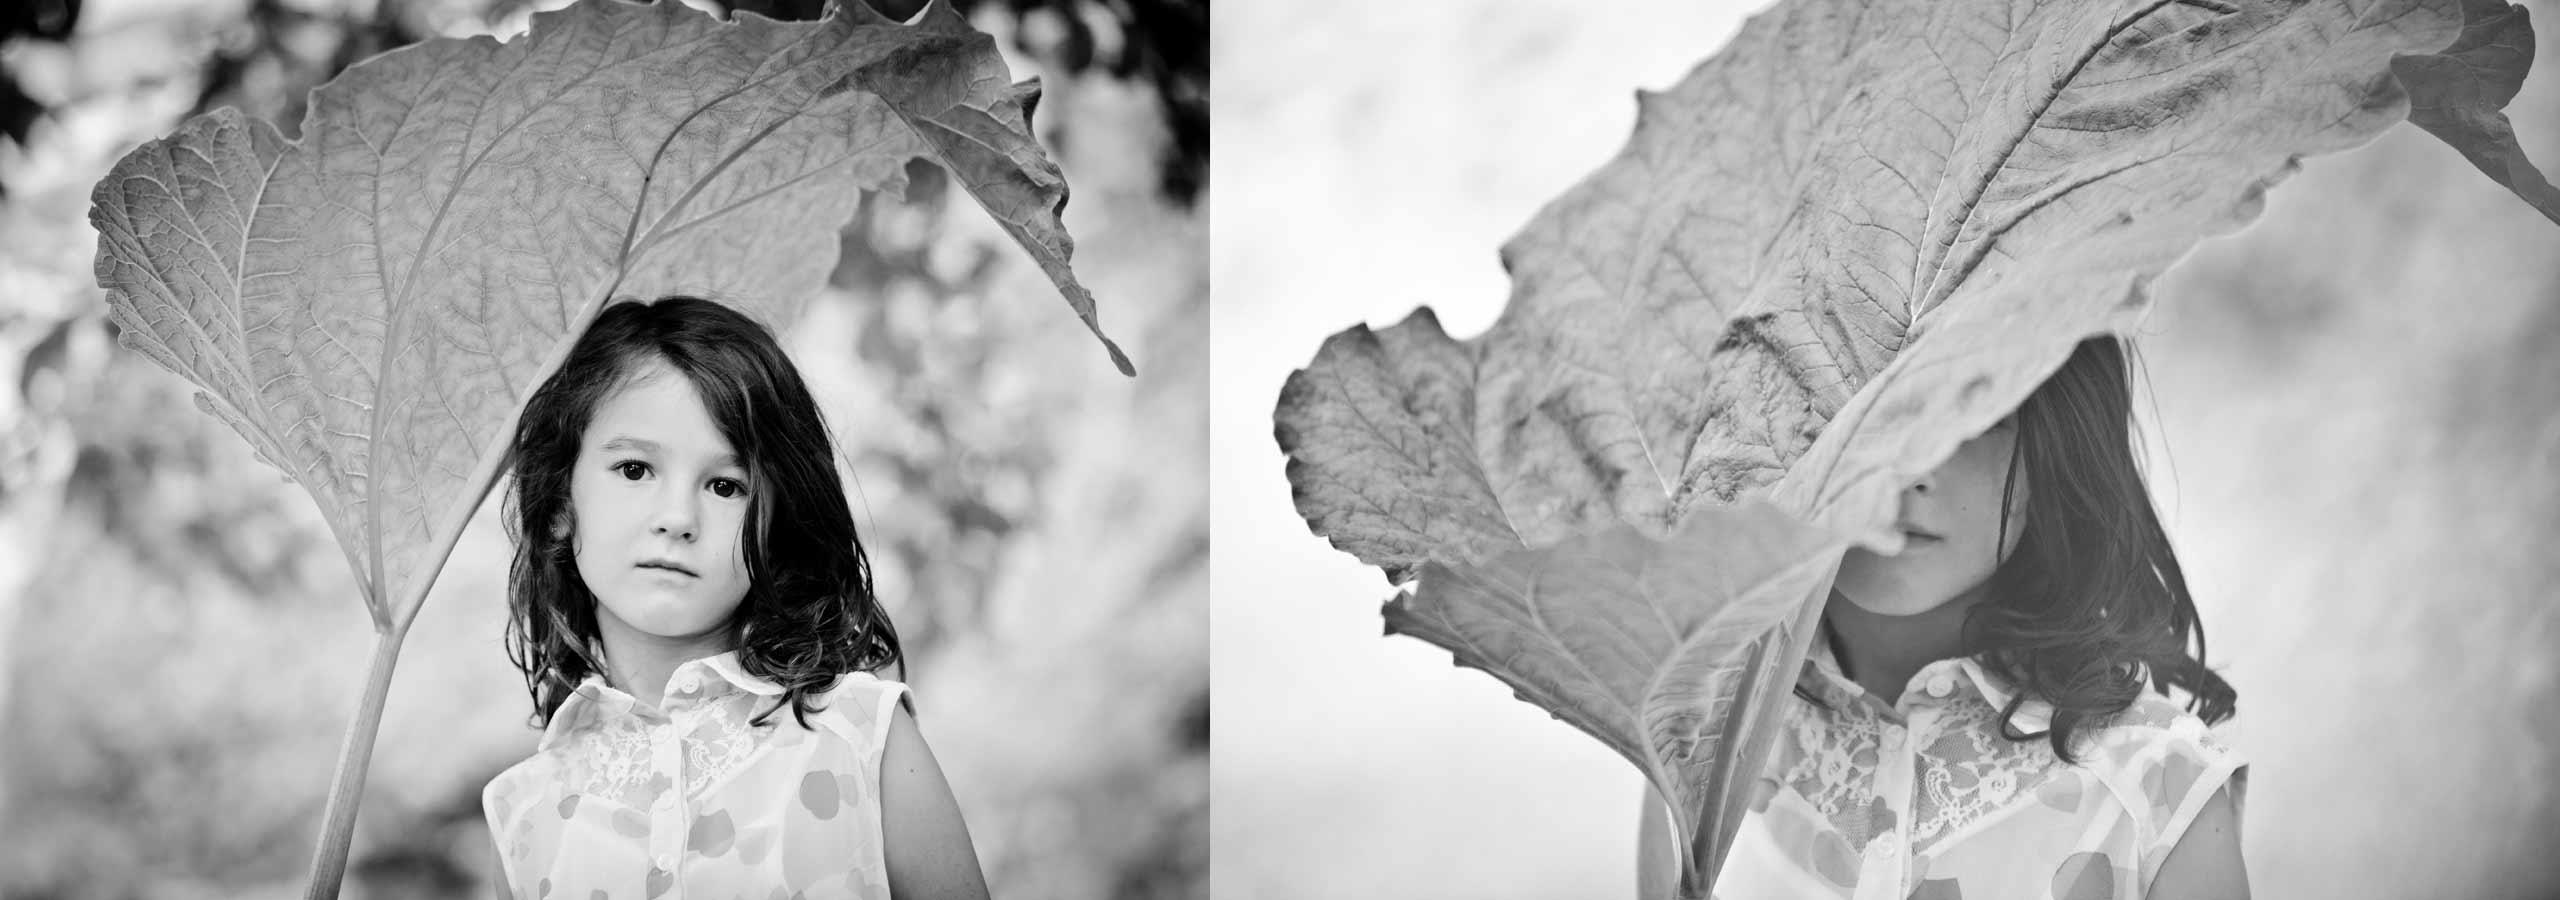 Natercia Photographe, séance musique